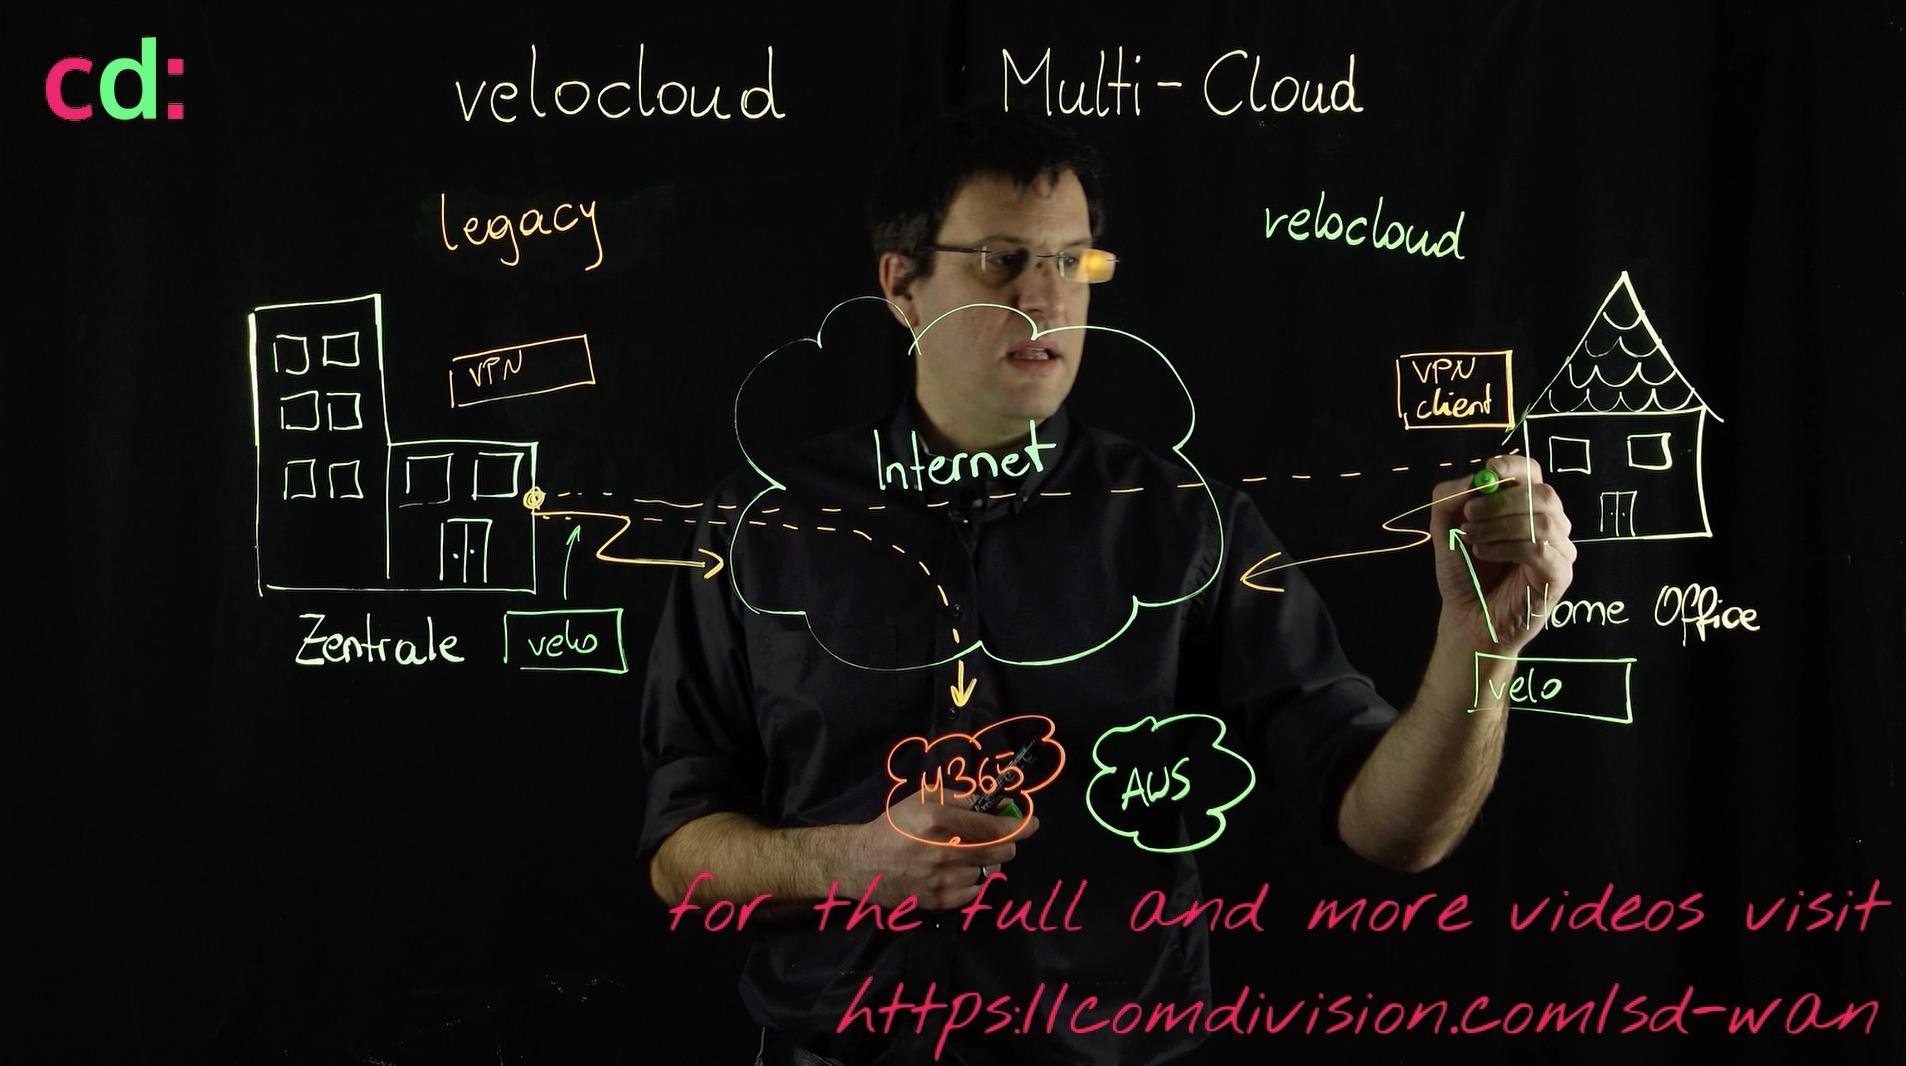 VMware SD-WAN by VeloCloud - Lightboard - Vorteile von SD-WAN gegenüber herkömmlichem VPN